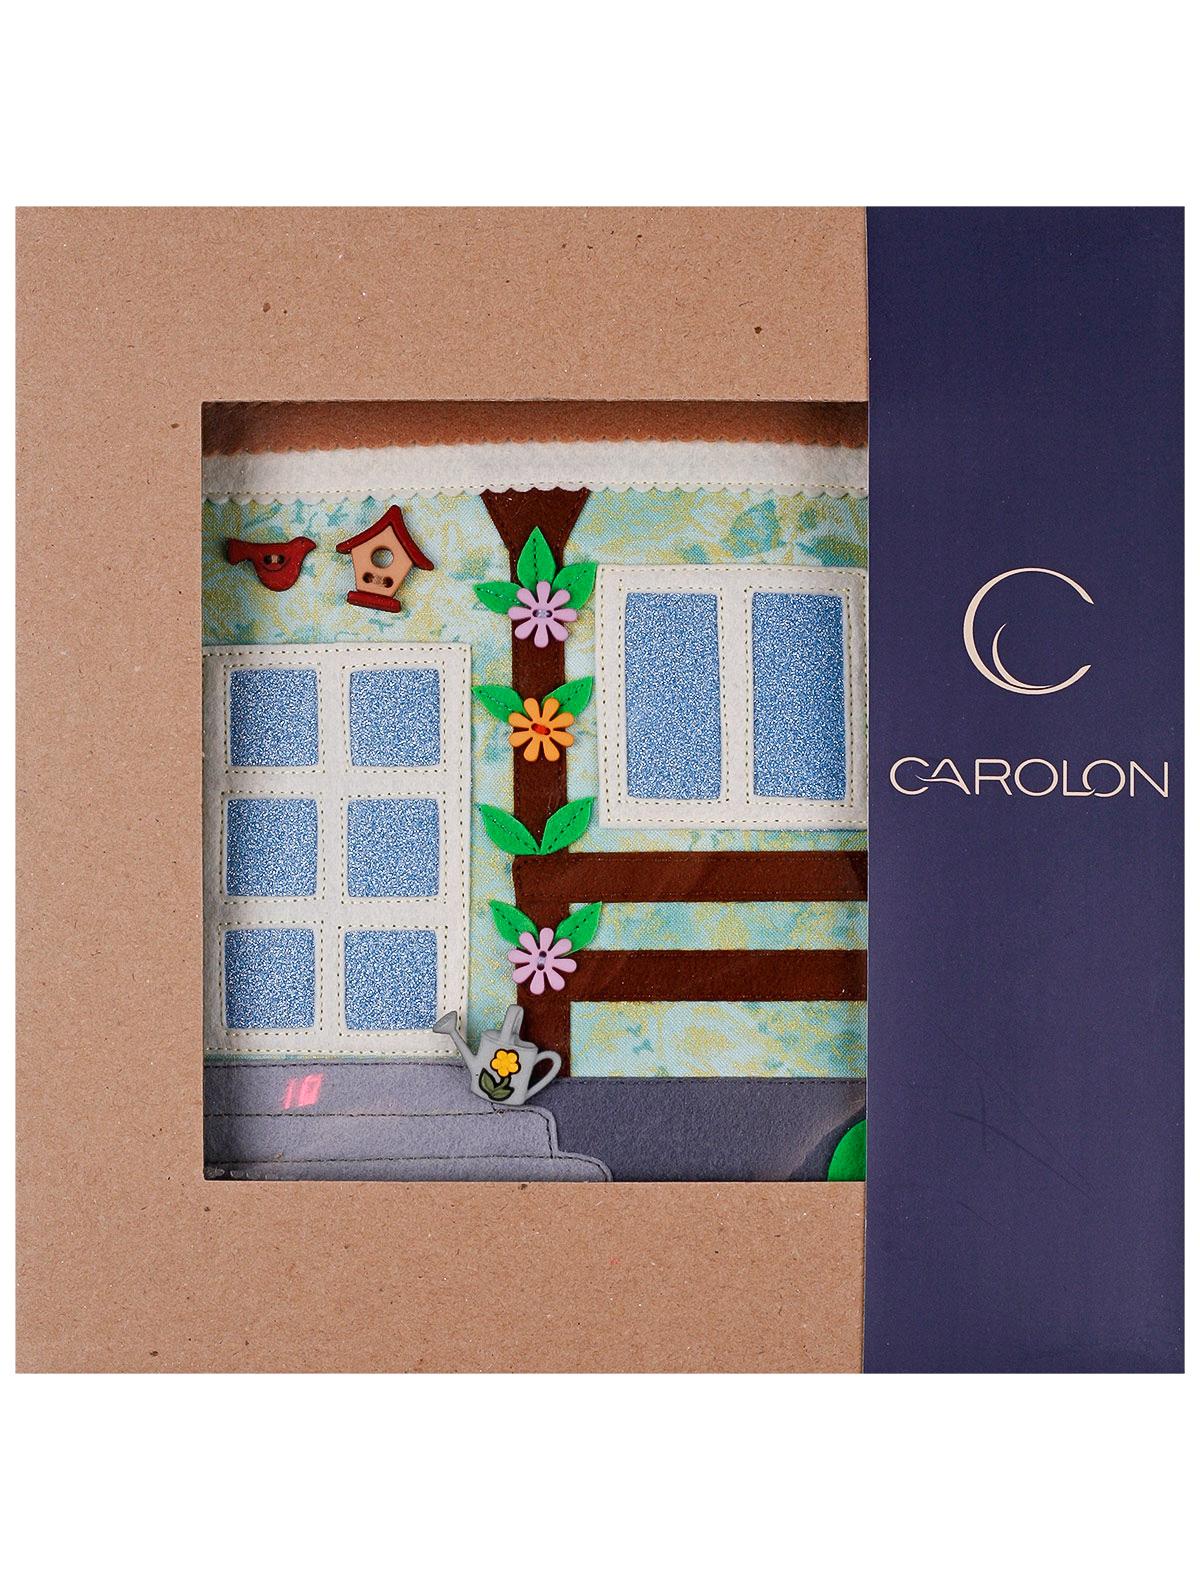 Купить 2196138, Игрушка Carolon, разноцветный, 7134520070021